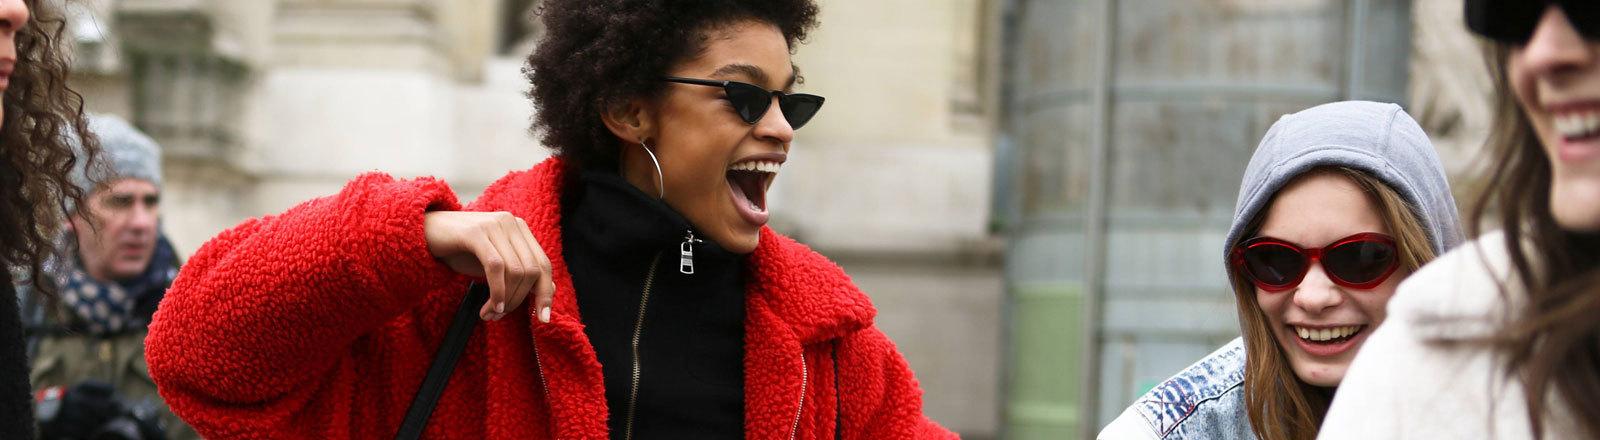 Eine Frau in Fleece-Jacke